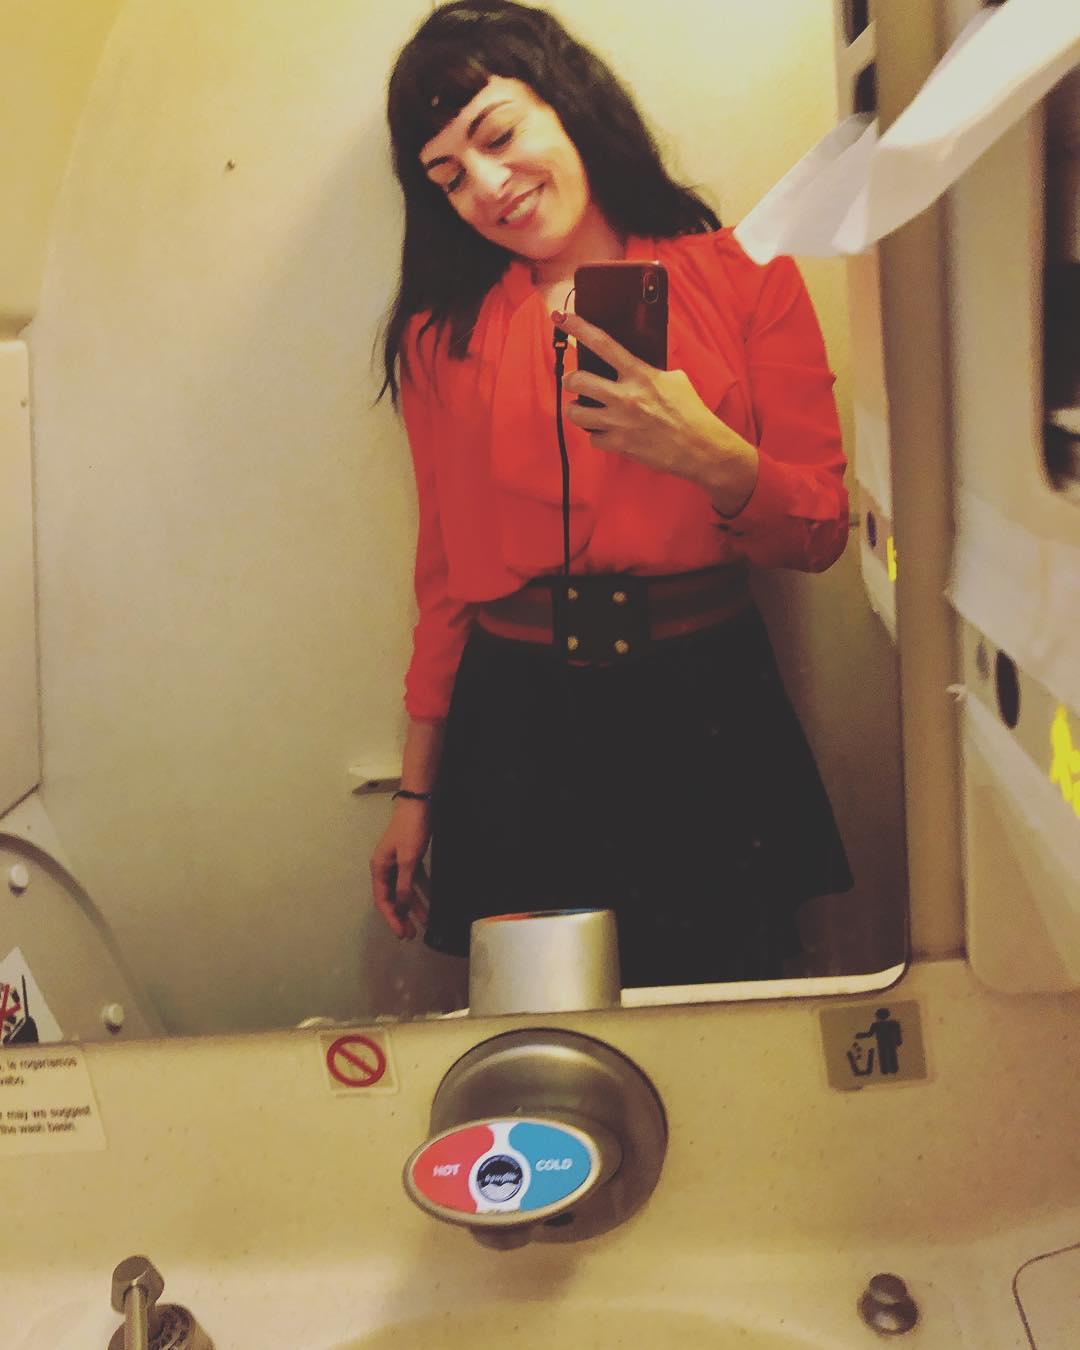 Los lavabos de los aviones son especiales :)) ✈️ ¿Sabíais que sí se pueden abrir sus puertas desde fuera?